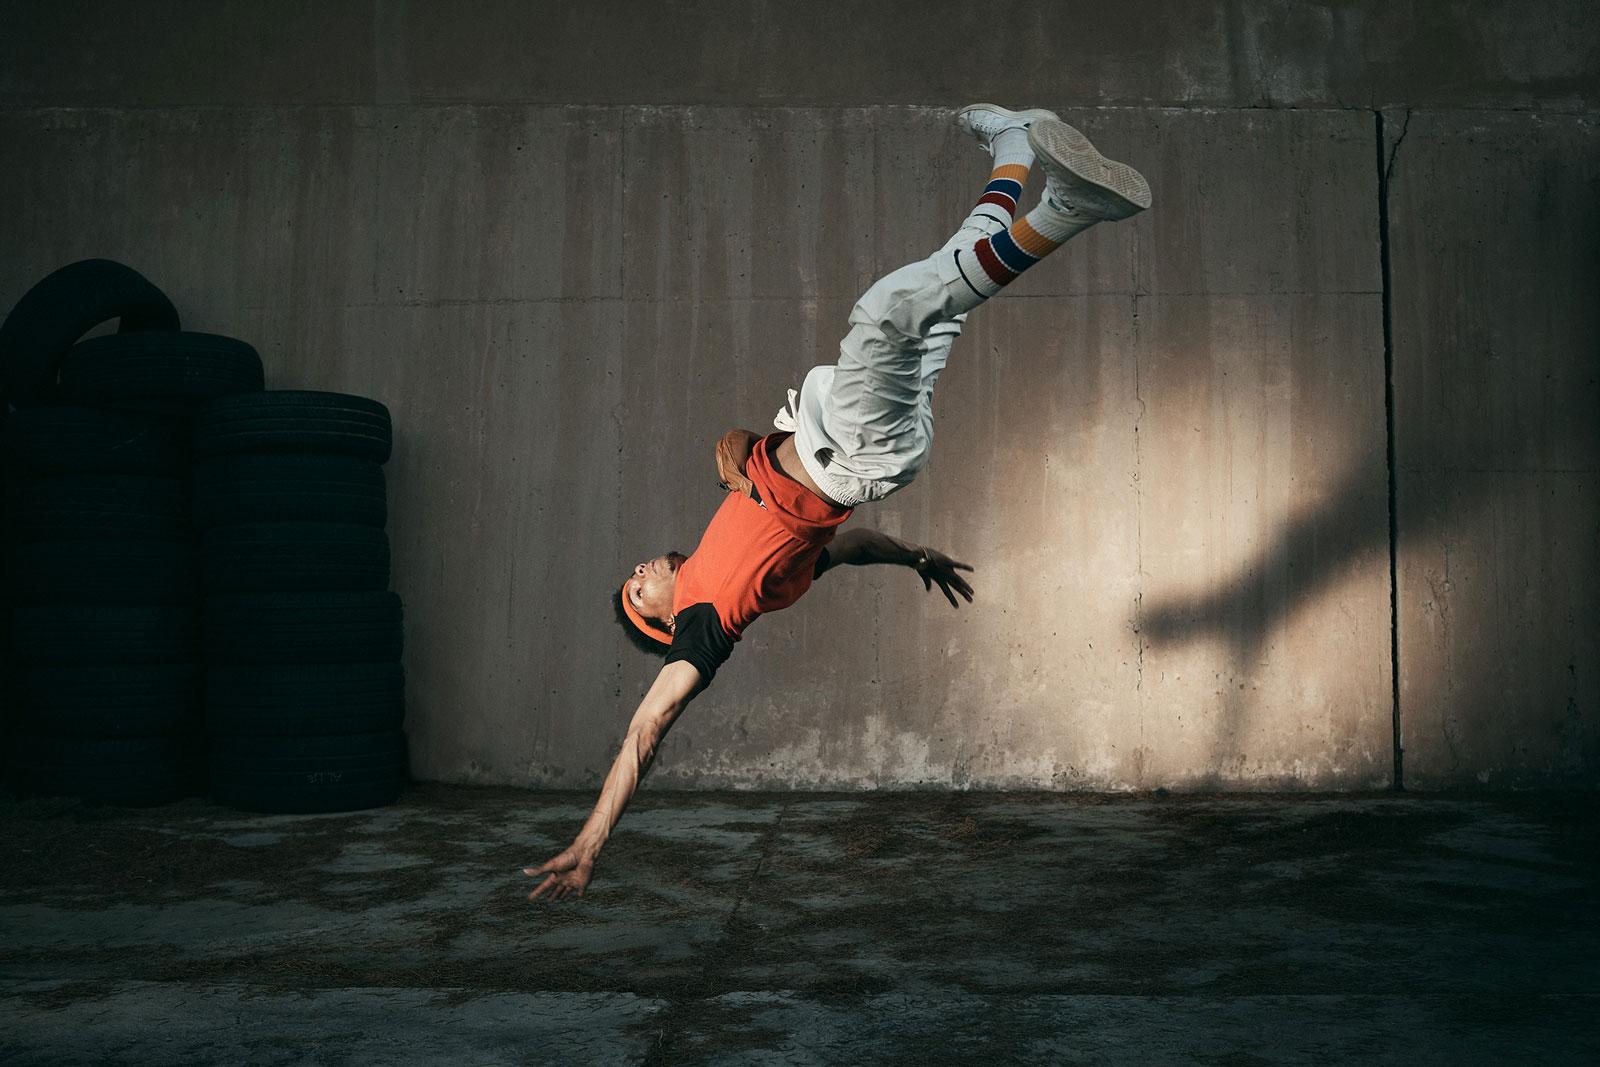 a breakdancer in midair